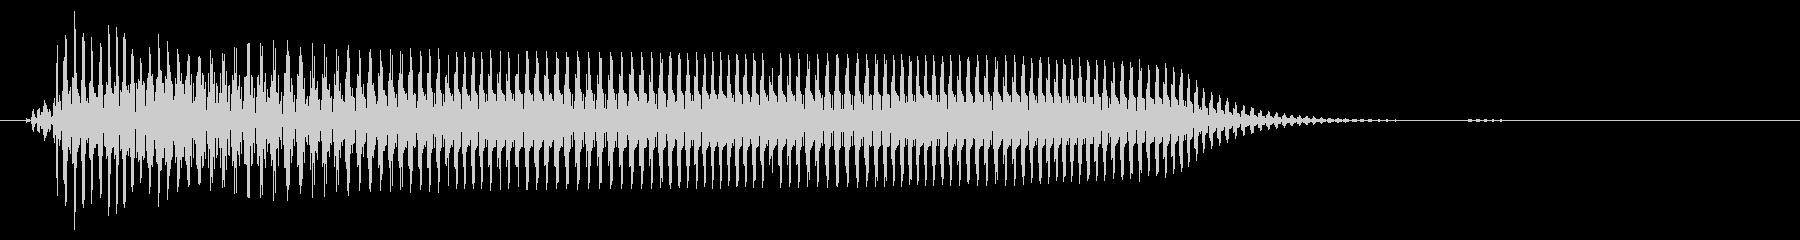 ビヨヨヨーン(コミカル)の未再生の波形